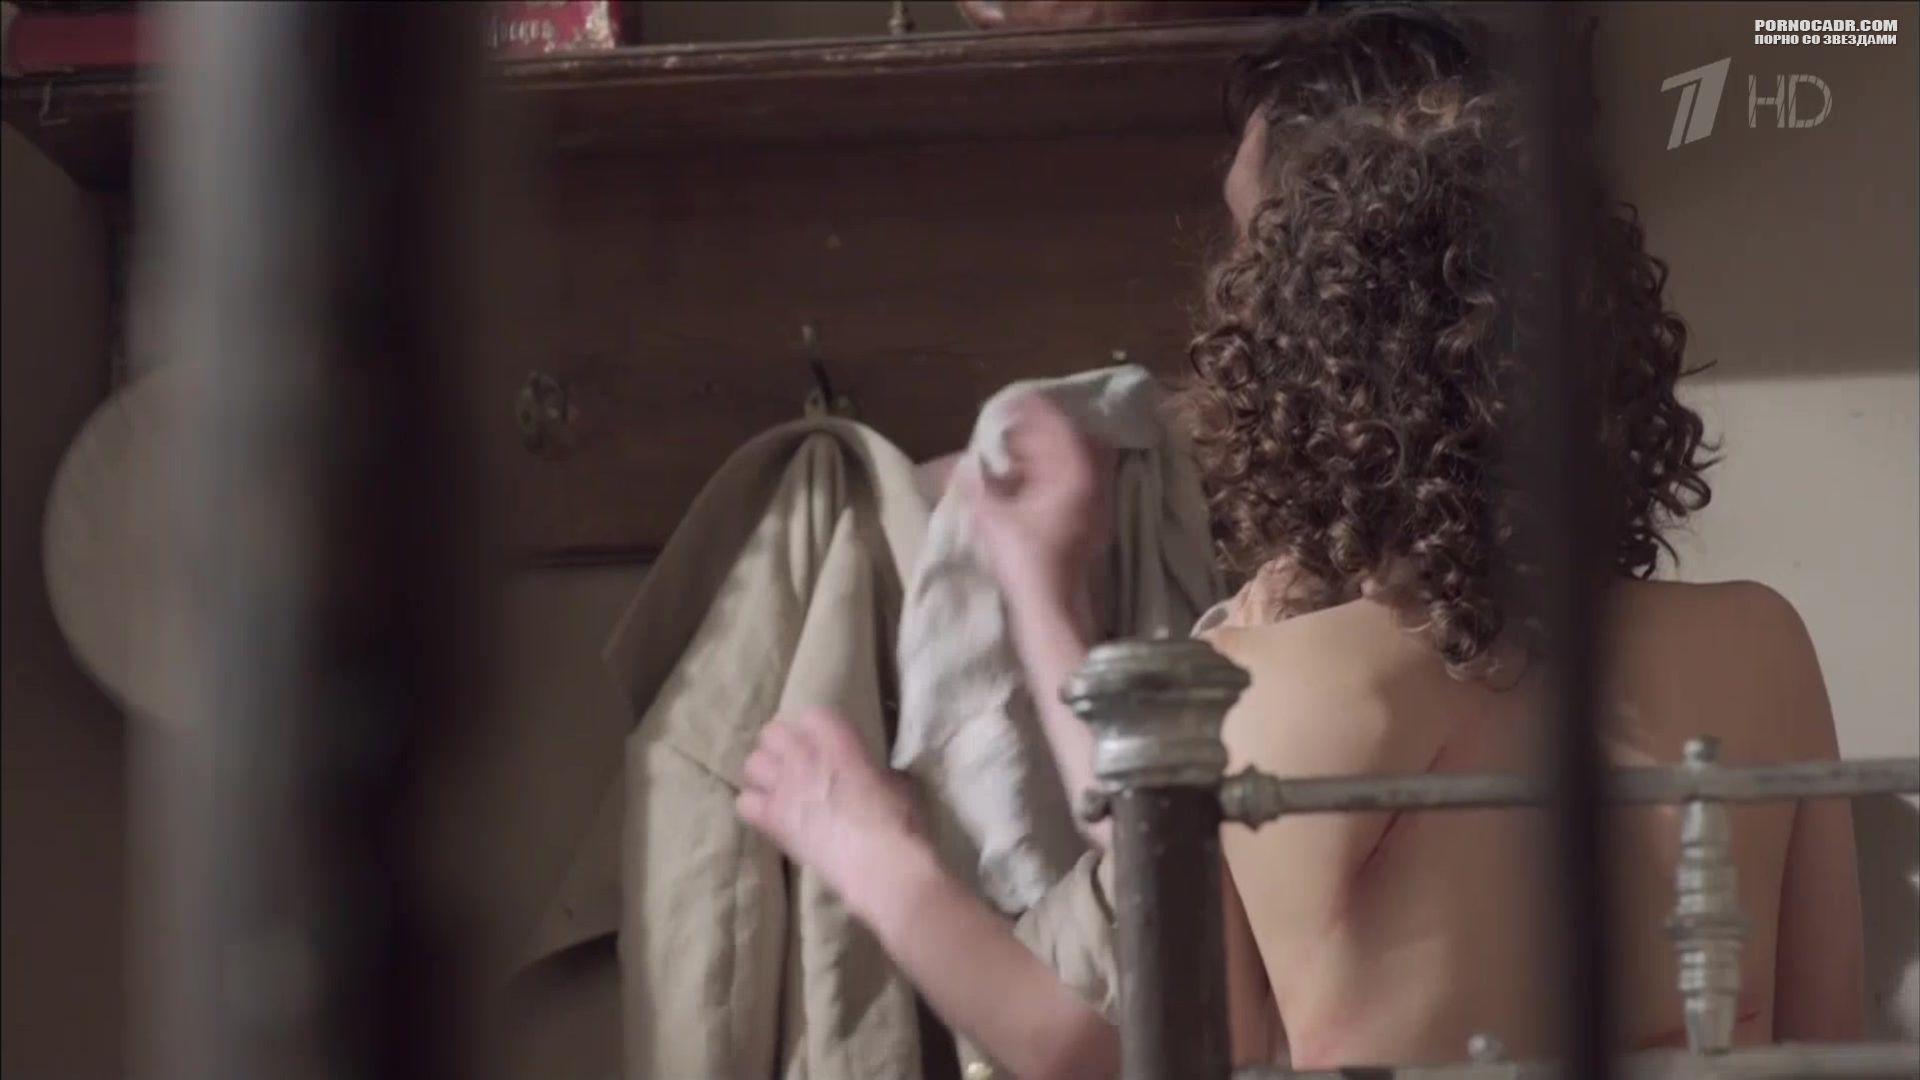 Фото голая катерина шпица, самые лучшие порно ролики отличного качества